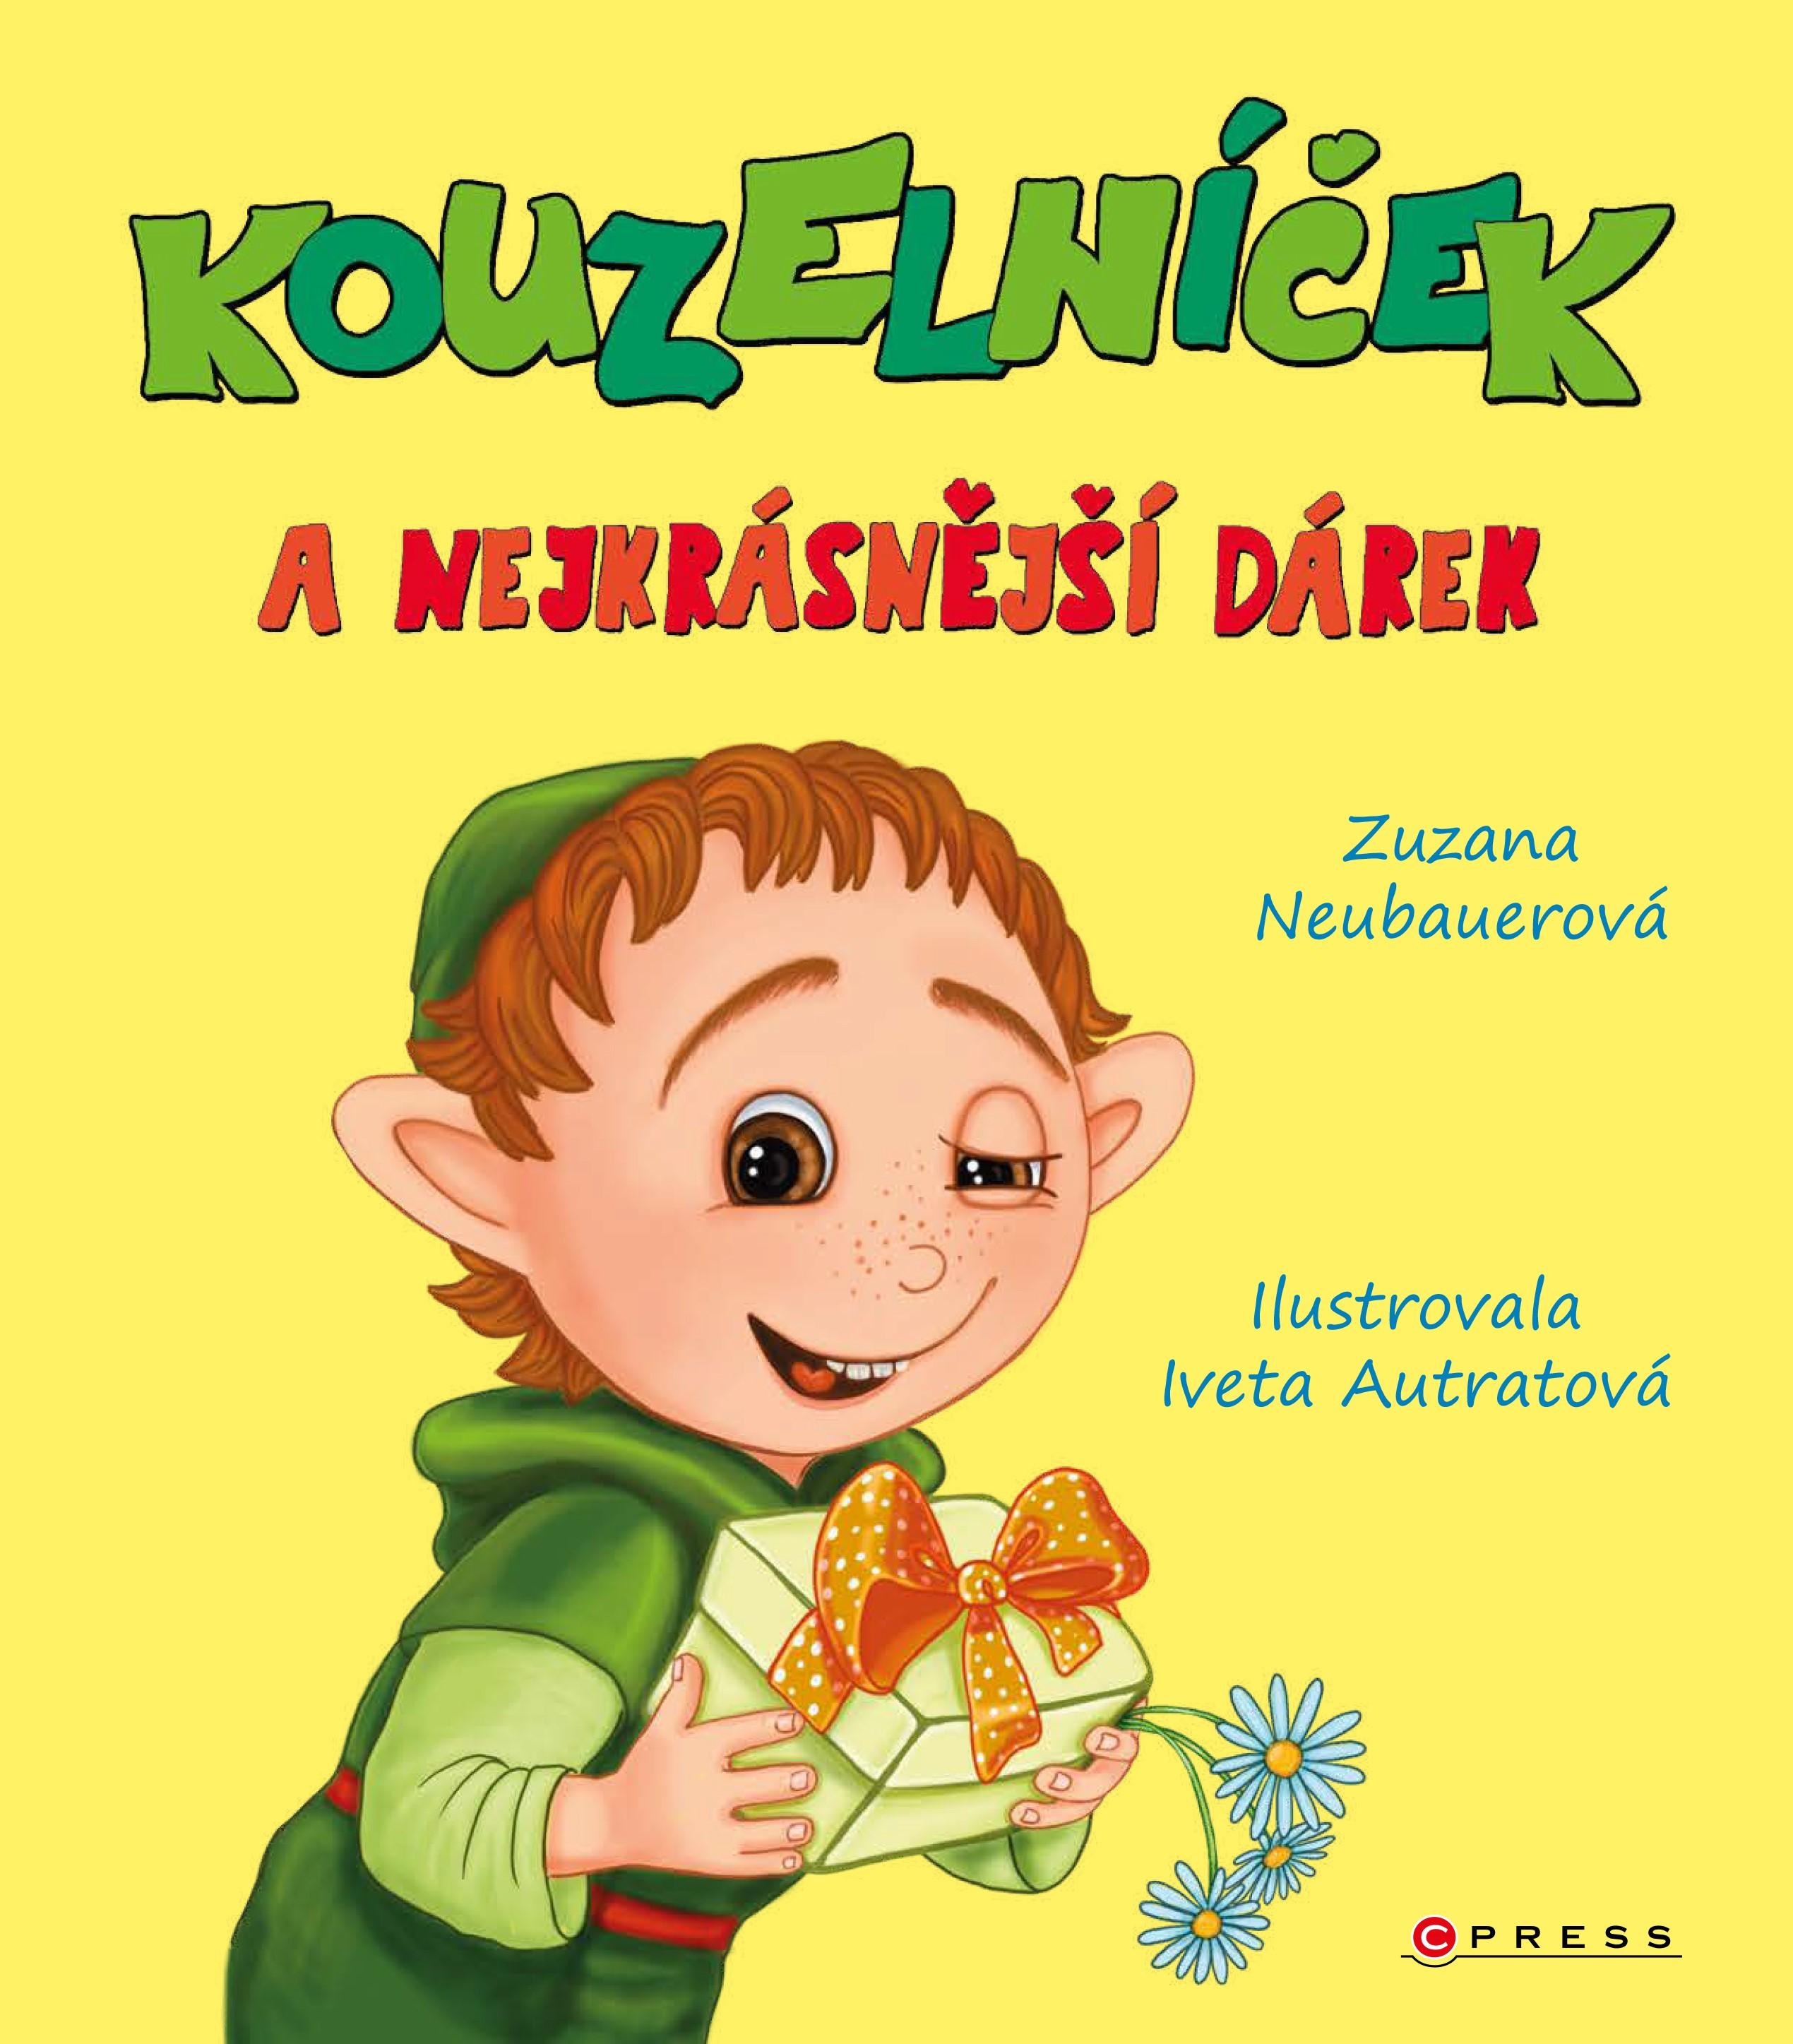 Kouzelníček a nejkrásnější dárek - Zuzana Neubauerová